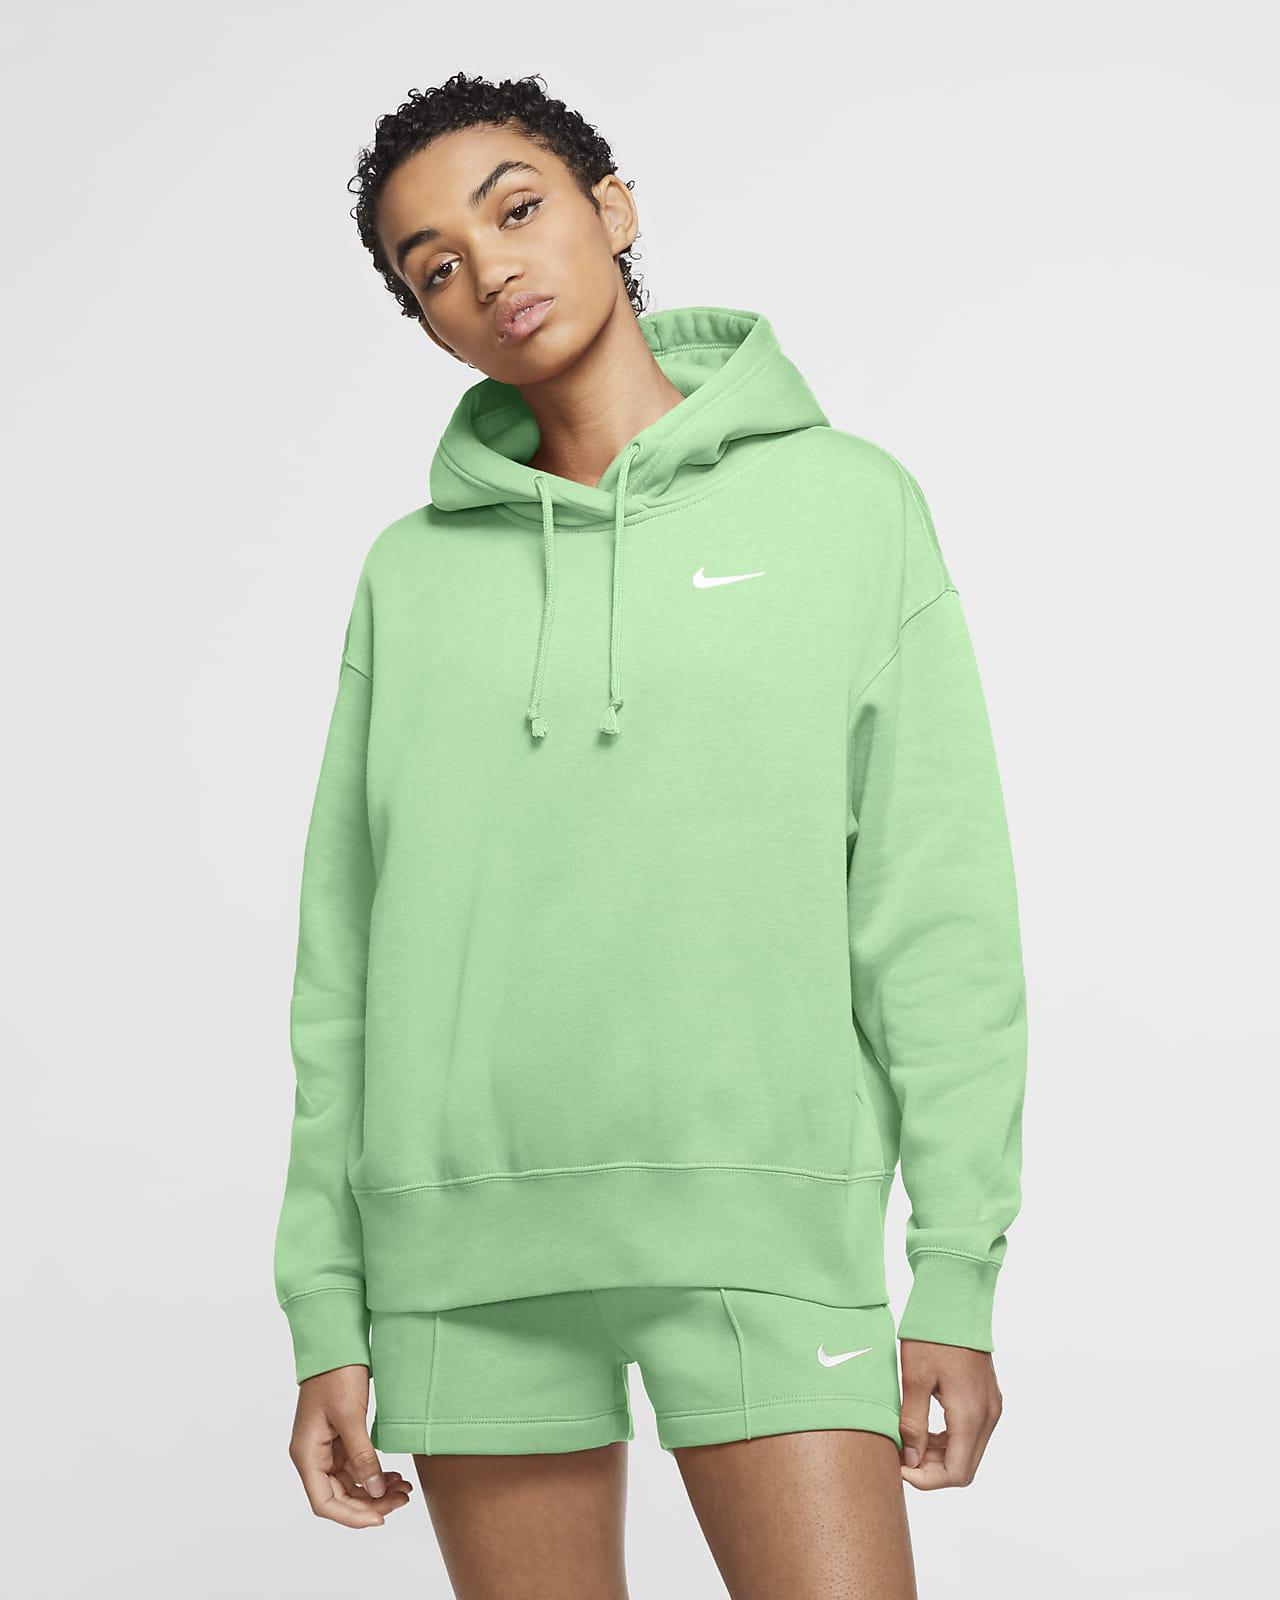 Γυναικεία φλις μπλούζα με κουκούλα Nike Sportswear